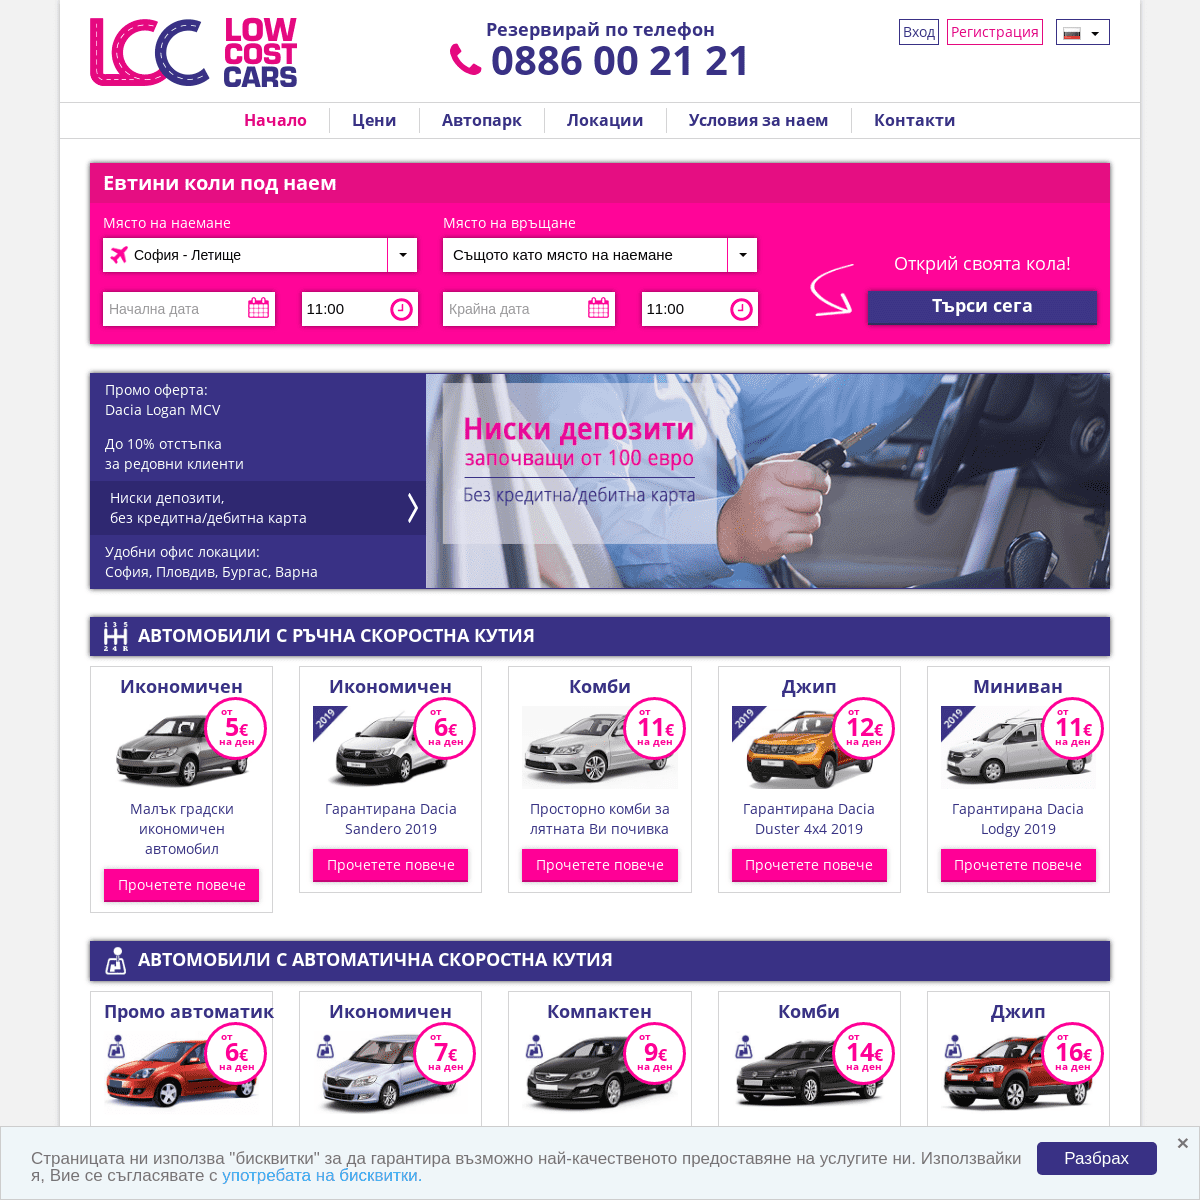 ArchiveBay.com - lowcostcars.bg - Low Cost Cars - Най-евтините автомобили под наем!